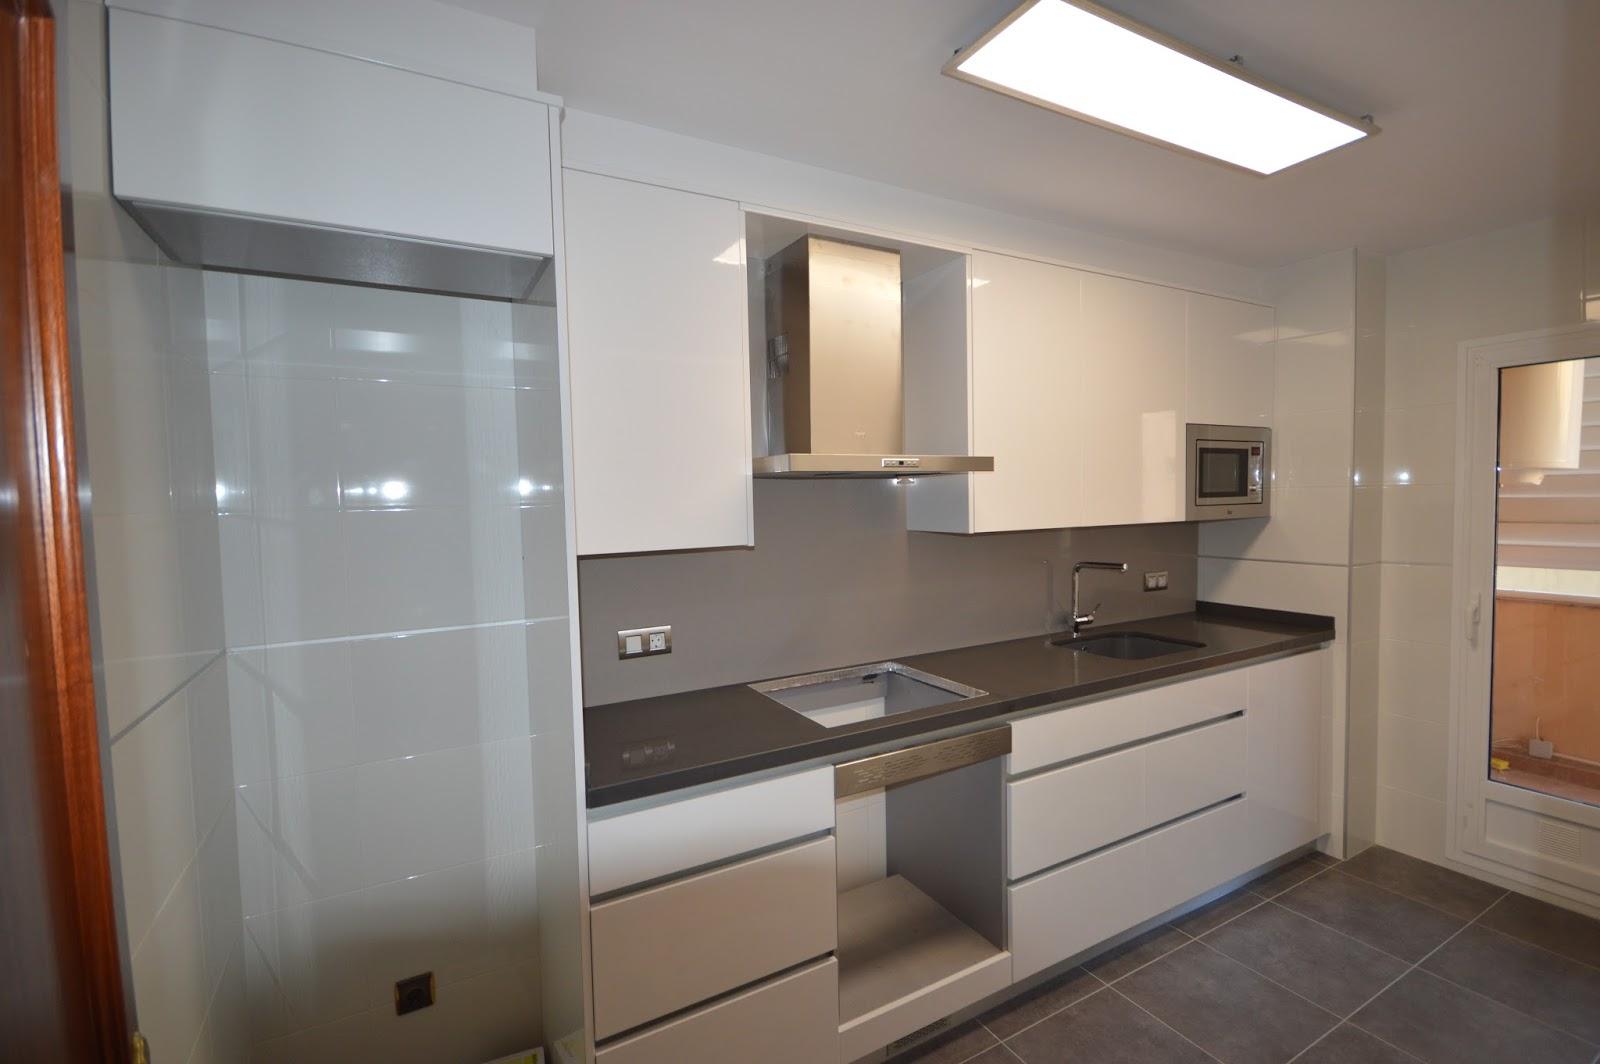 reuscuina muebles de cocina en blanco brillo sin tiradores